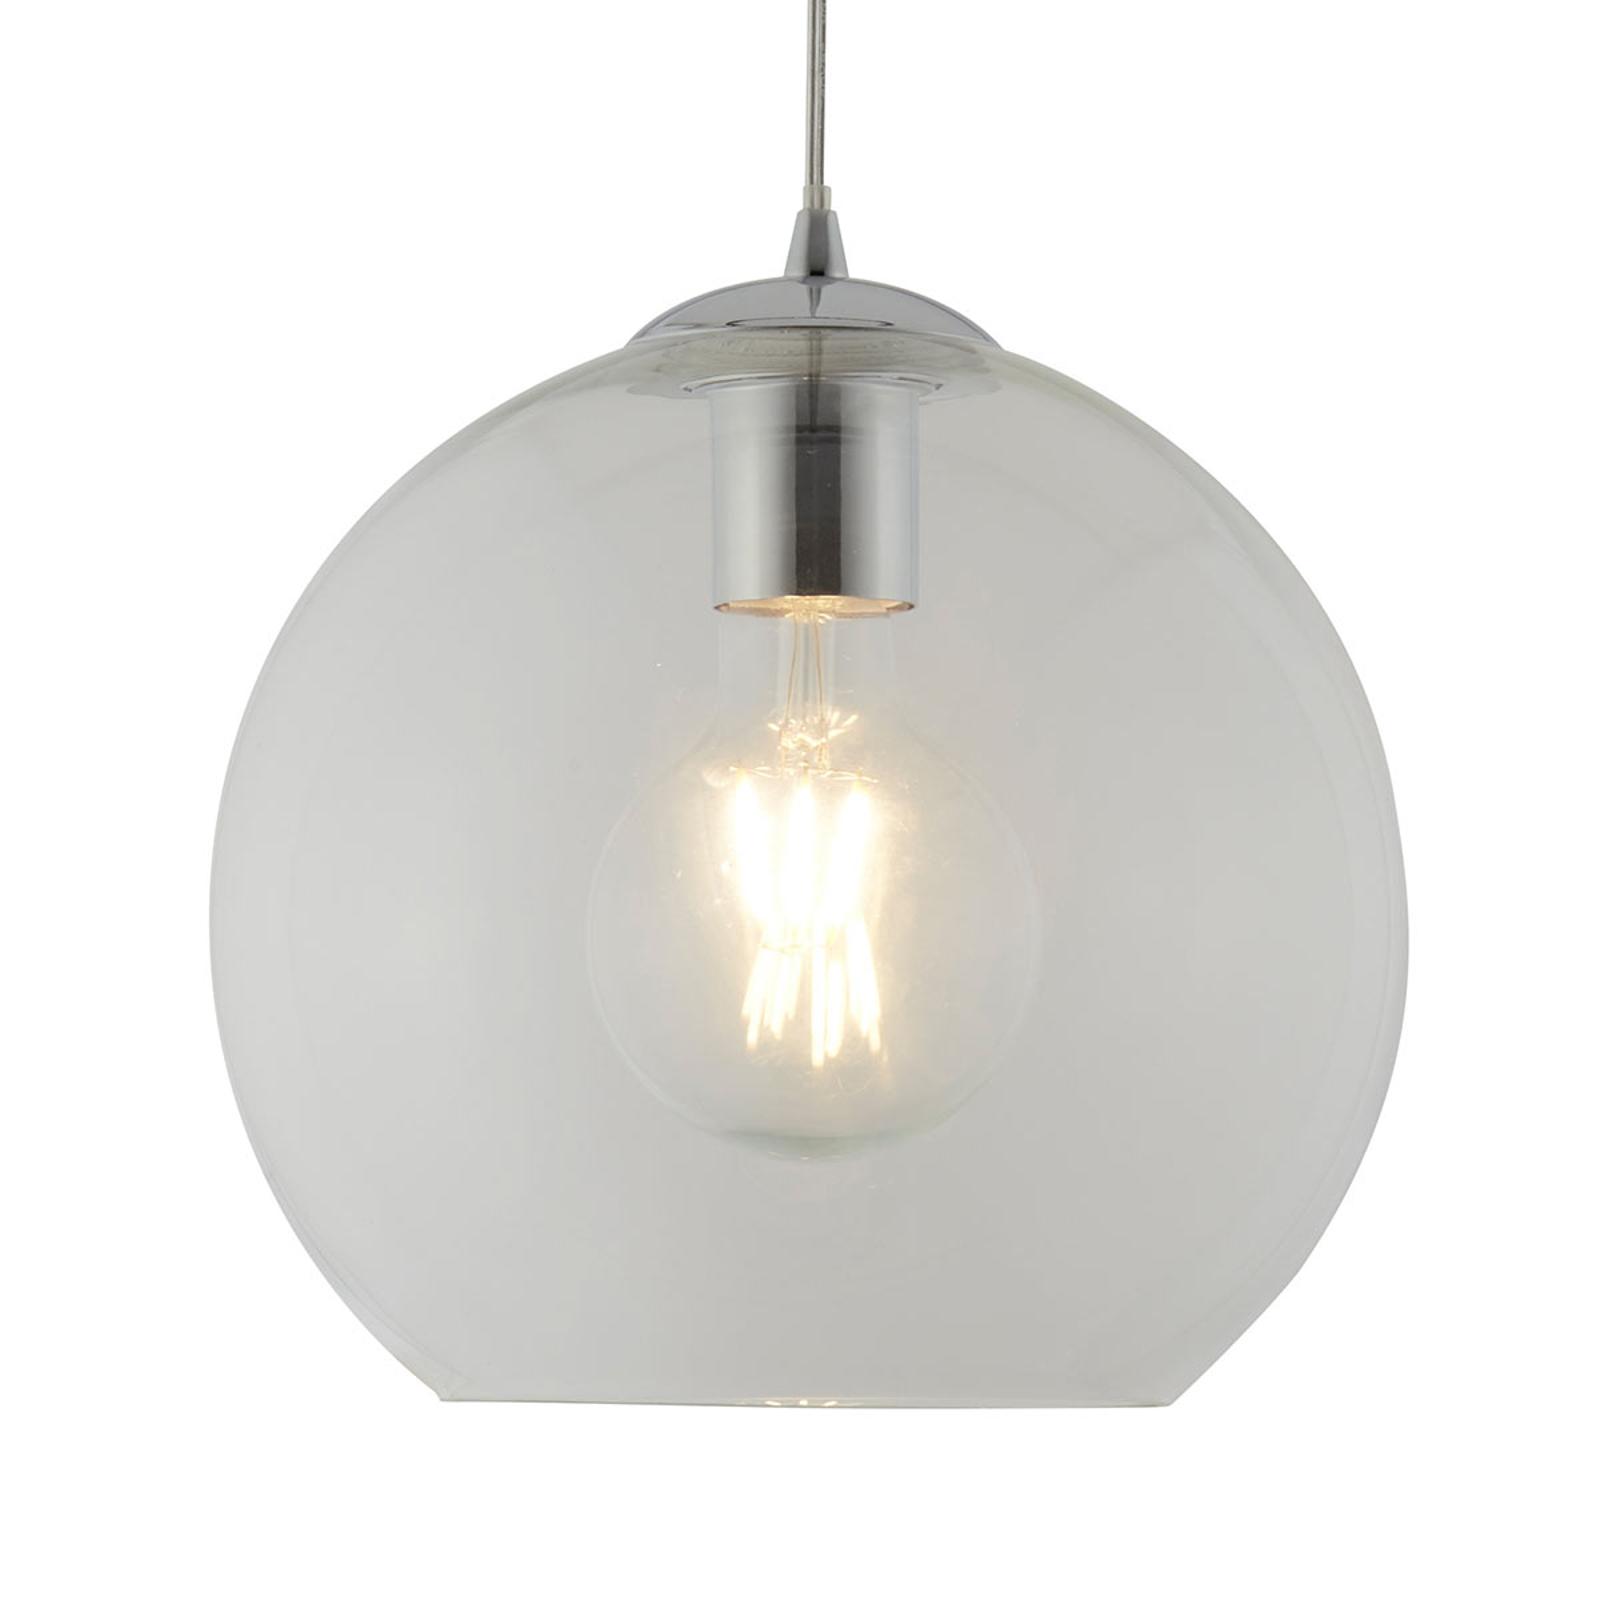 Szklana lampa wisząca Balls, 25cm, przezroczysta